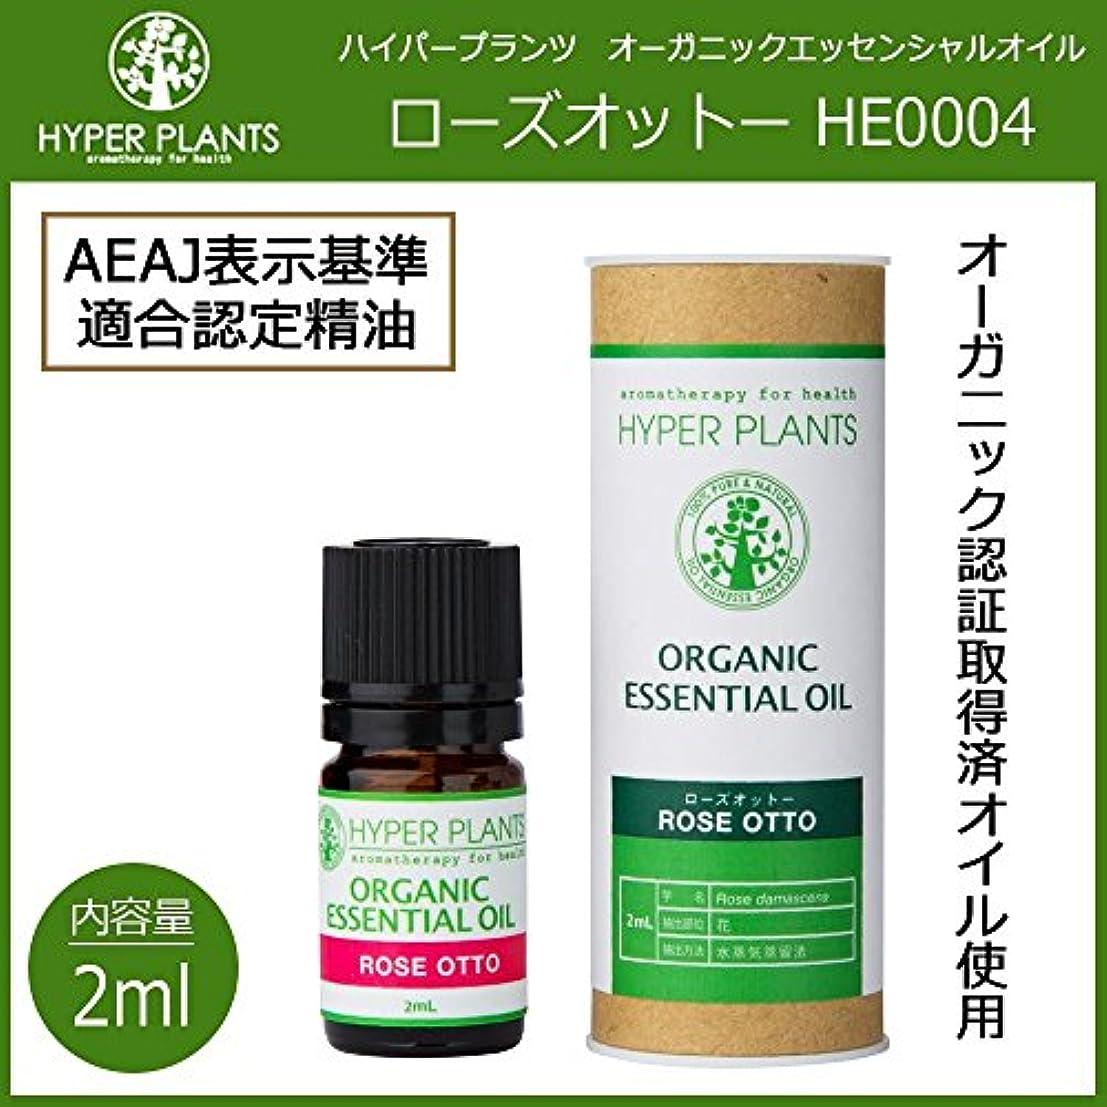 ソフィー退化する繁殖HYPER PLANTS ハイパープランツ オーガニックエッセンシャルオイル ローズオットー 2ml HE0004